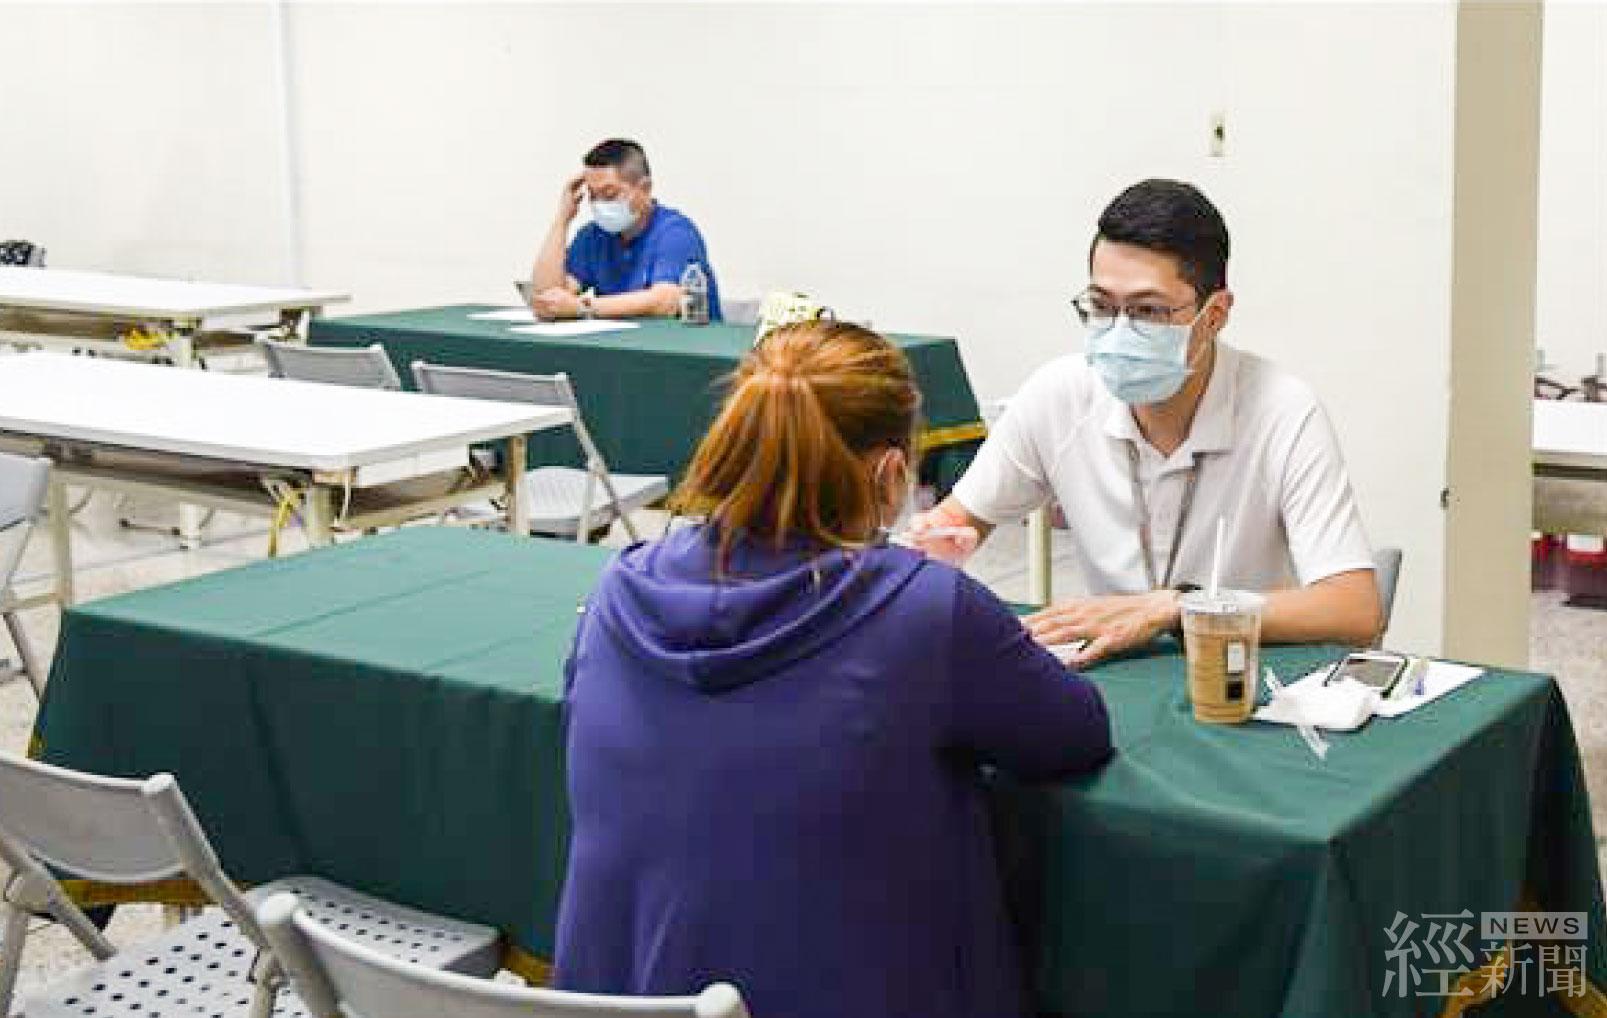 加工區屏東、高雄園區 9月徵才 釋出372職缺